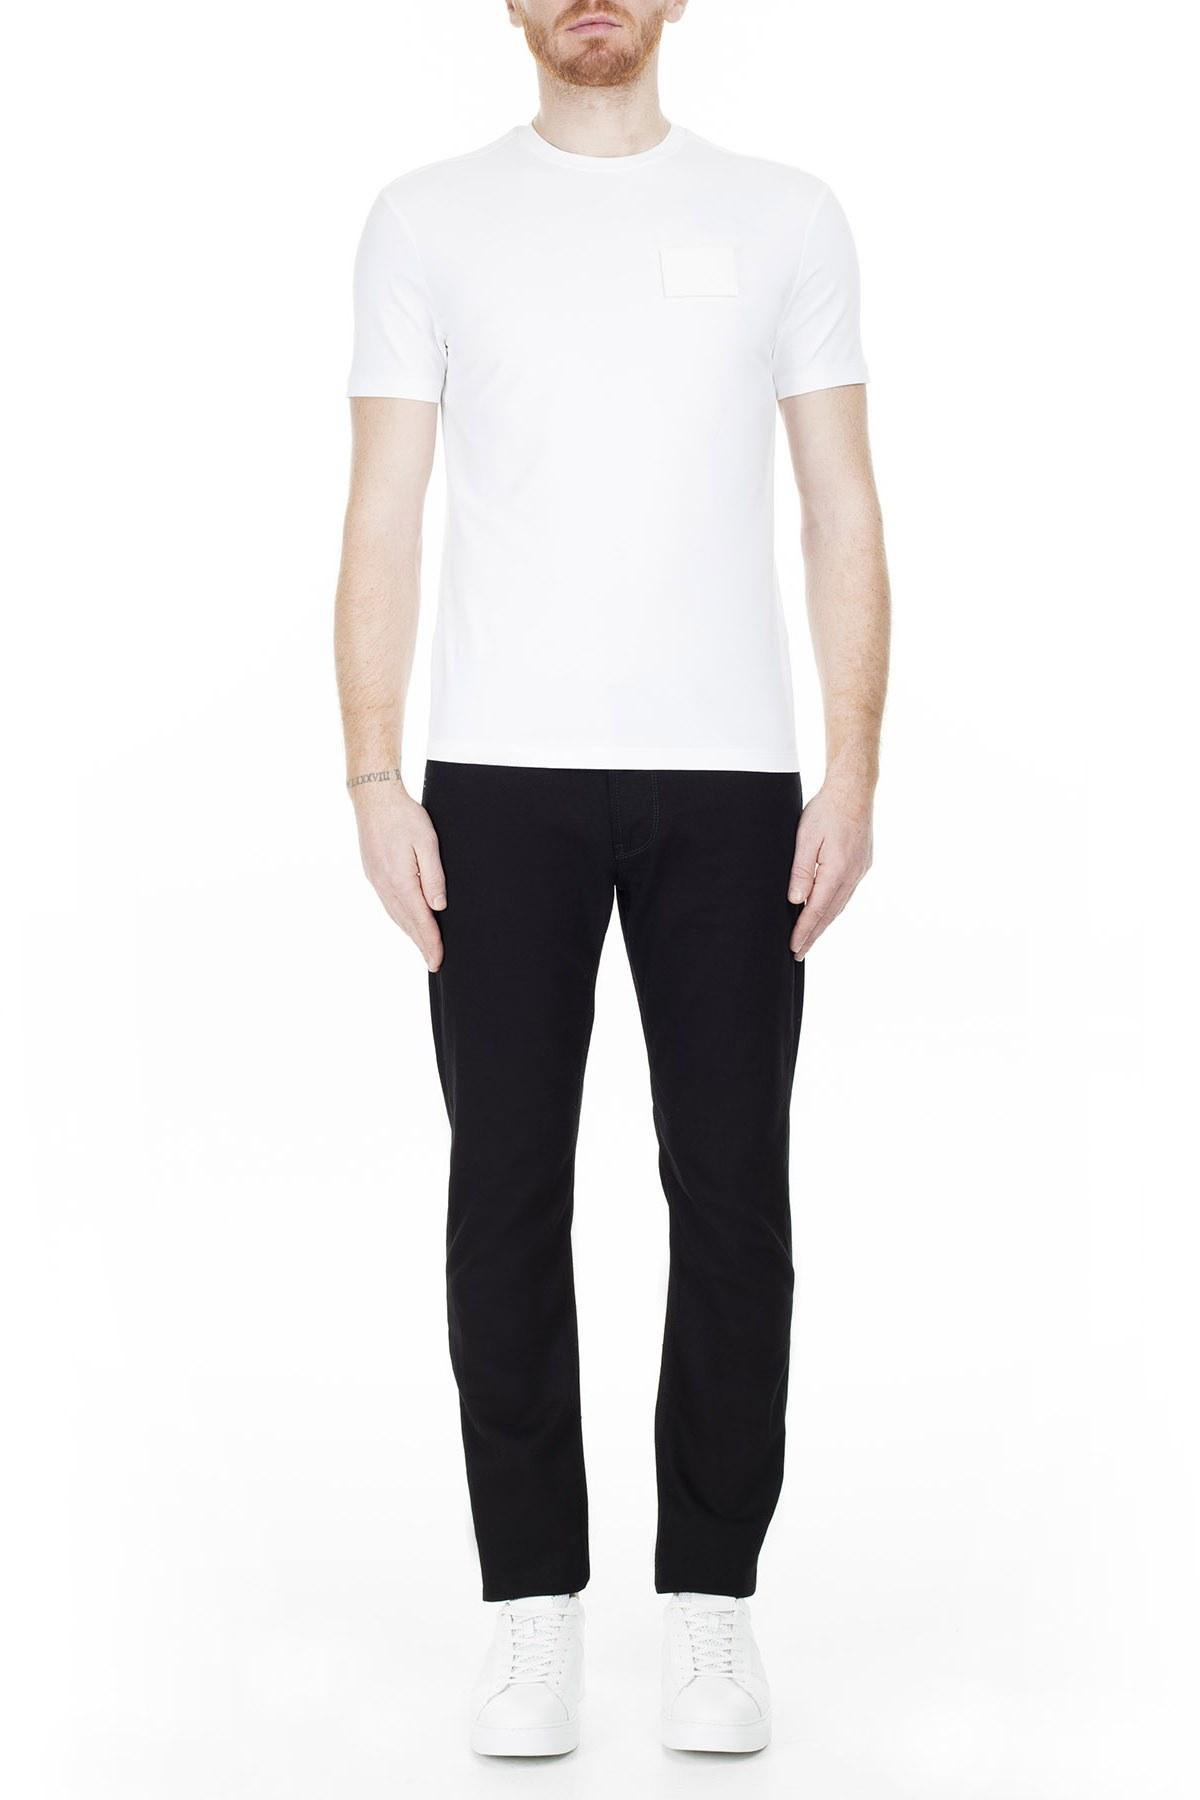 Emporio Armani J06 Jeans Erkek Kot Pantolon 8N1J06 1DZ5Z 0999 SİYAH